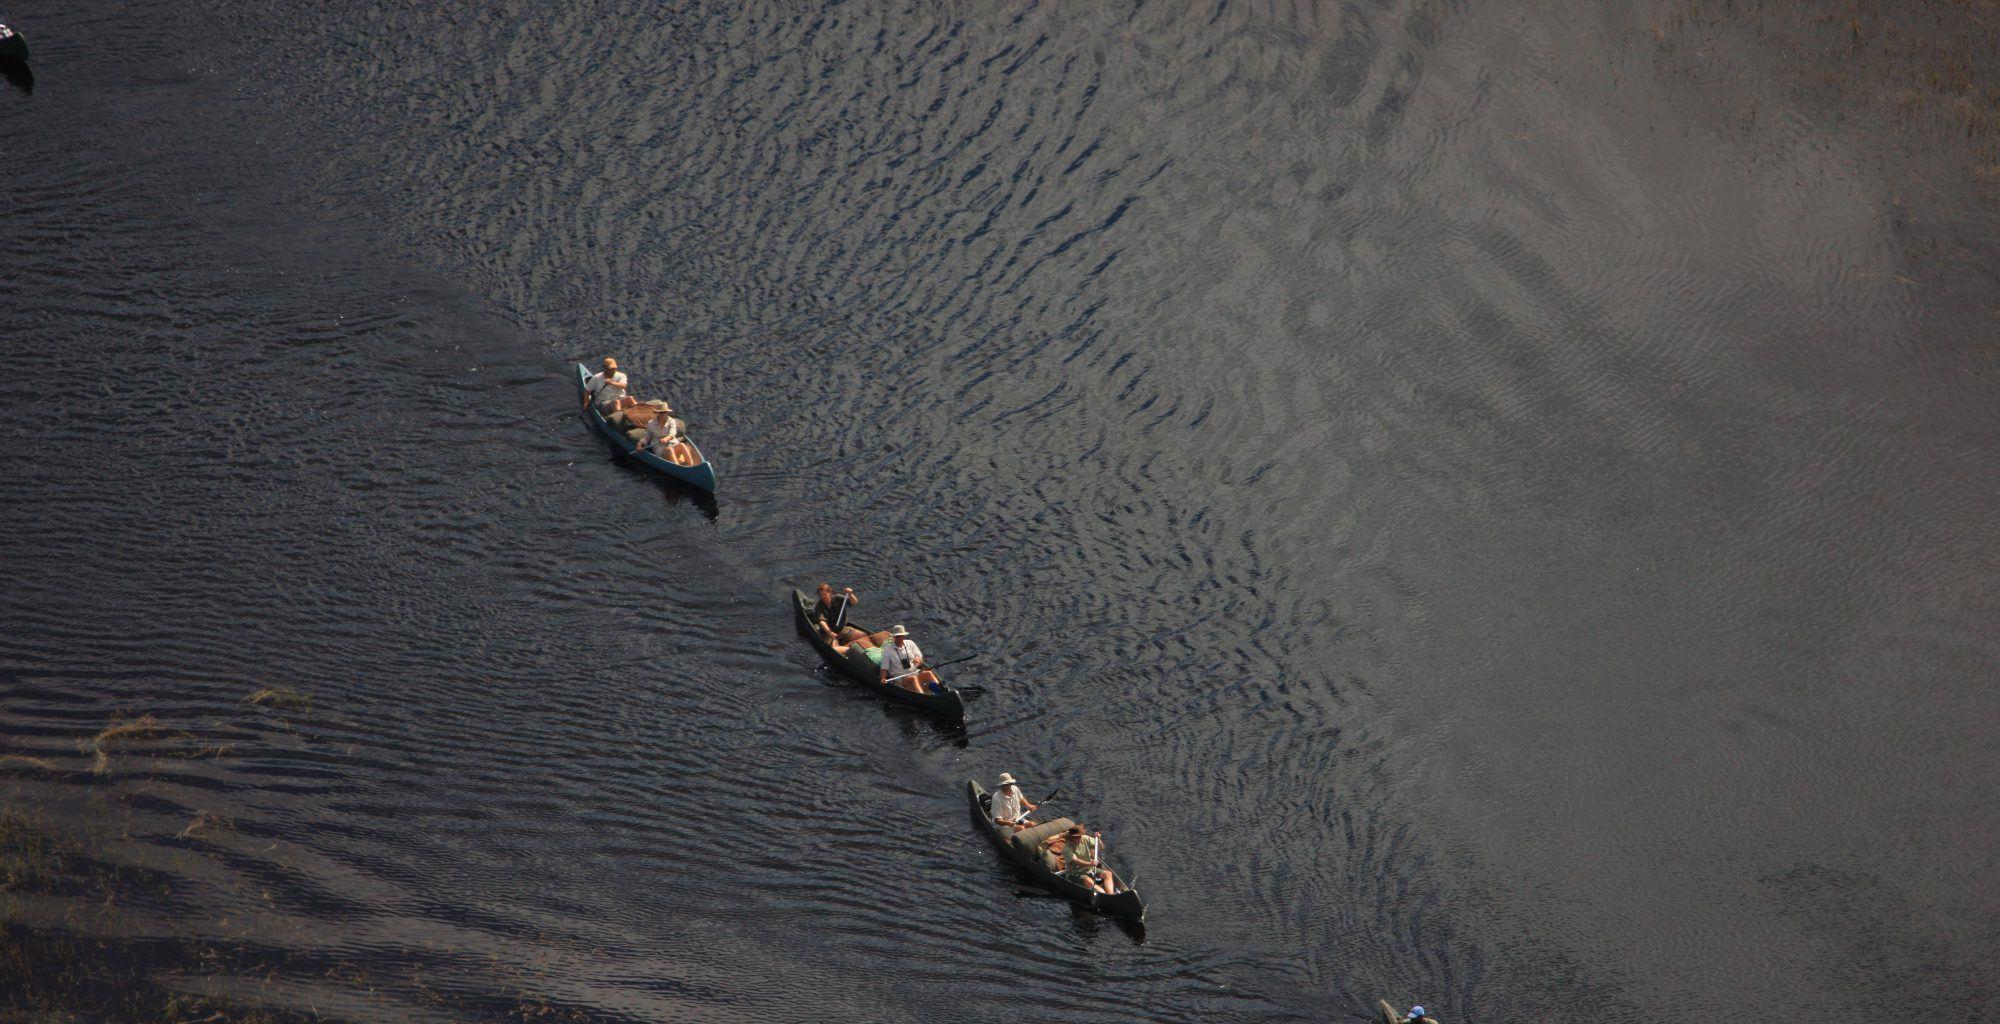 Botswana-Selinda-Canoe-Trail-Aerial